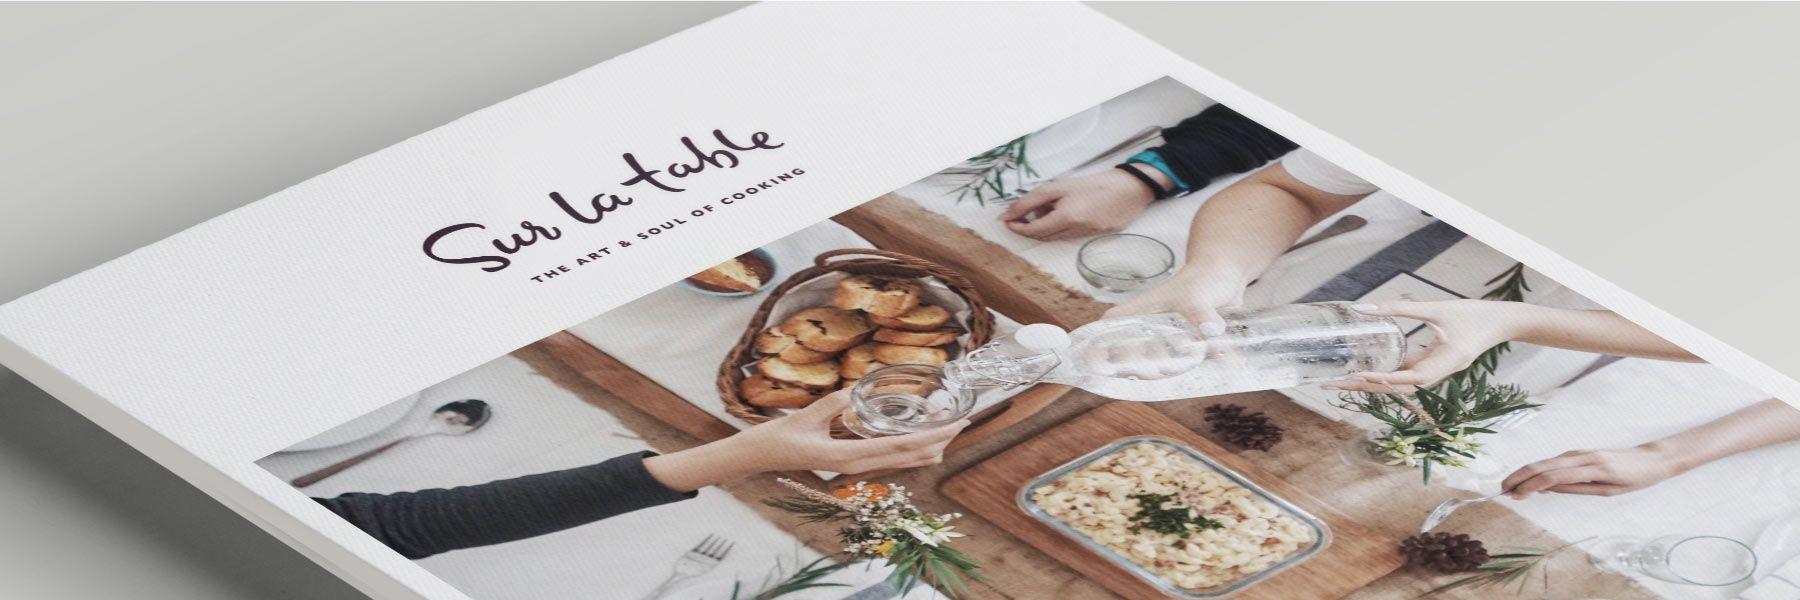 Rebranding Sur La Table A Behind the Scenes Look